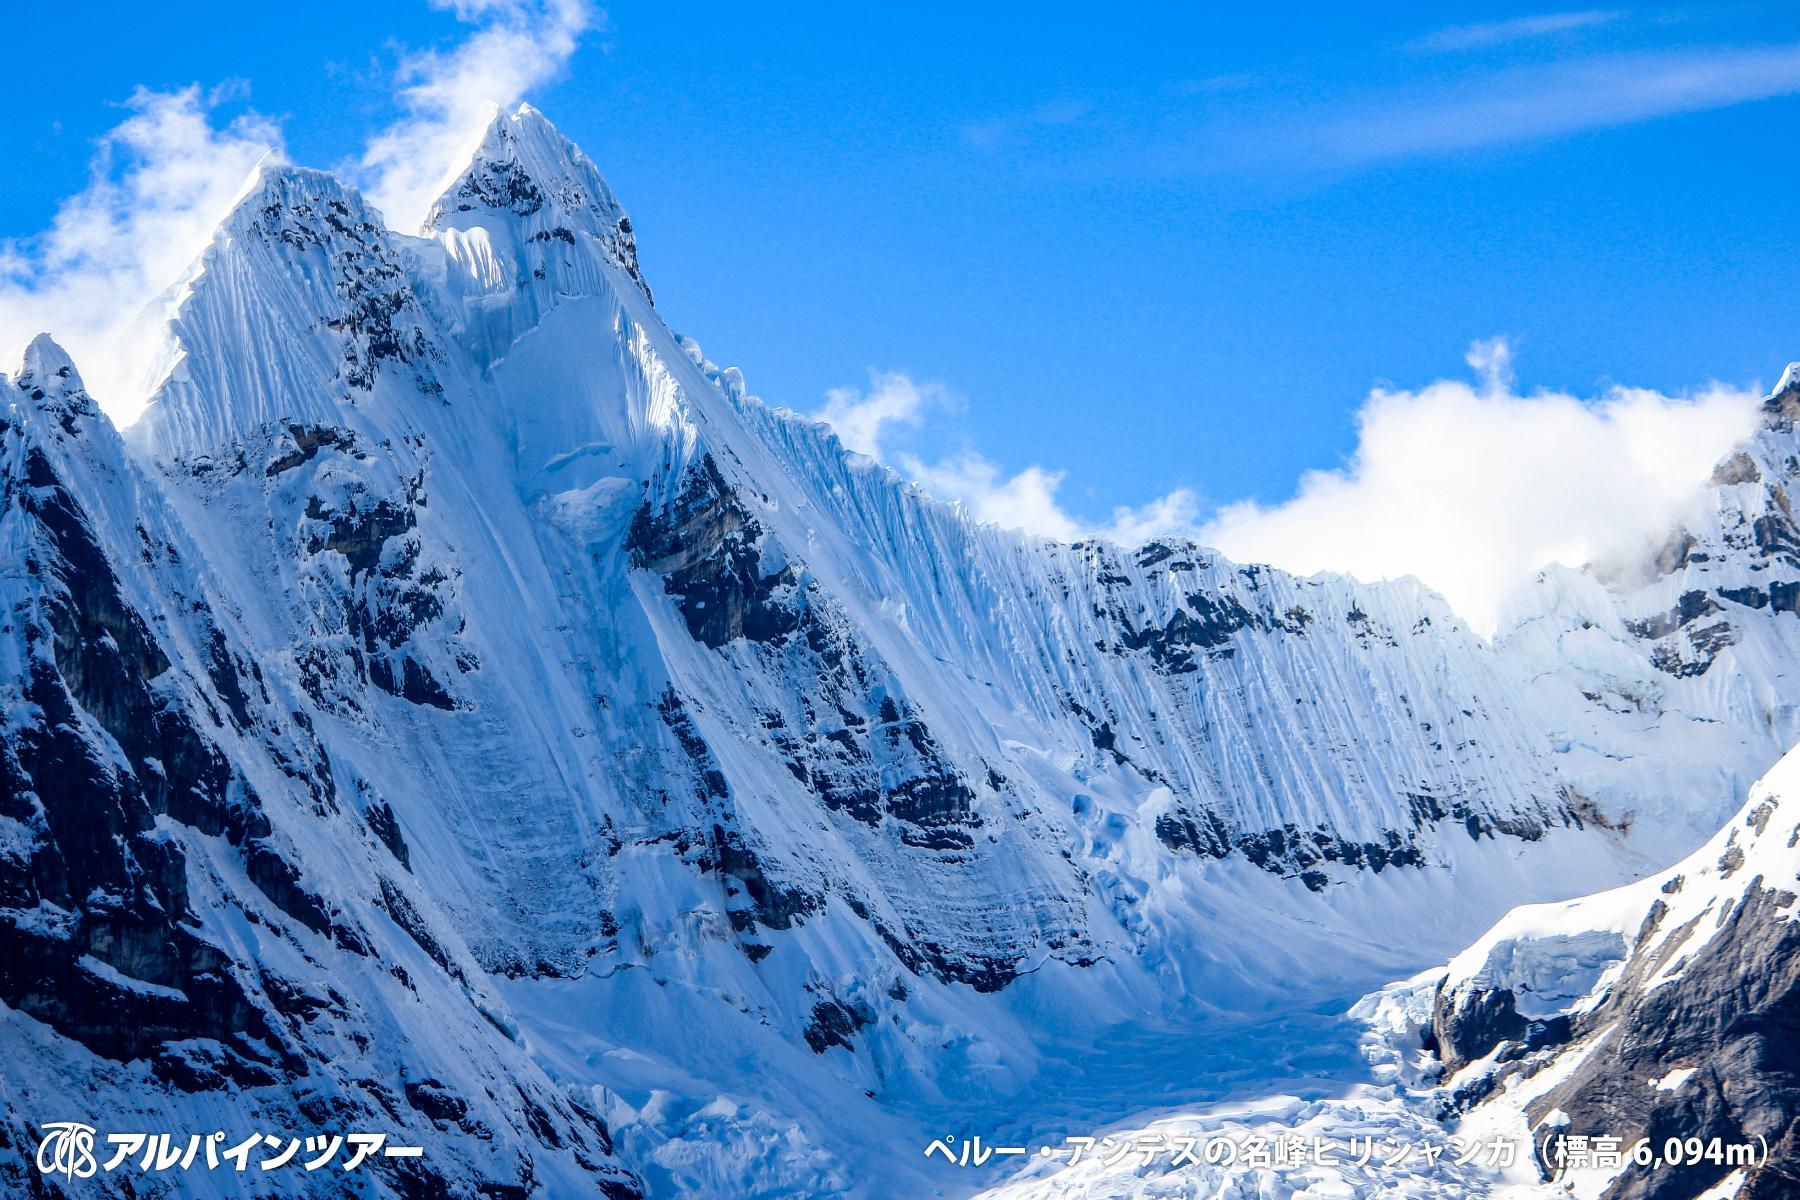 【今日の名峰】 ペルー・ワイワッシュ山群 ヒリシャンカ(6,094m)